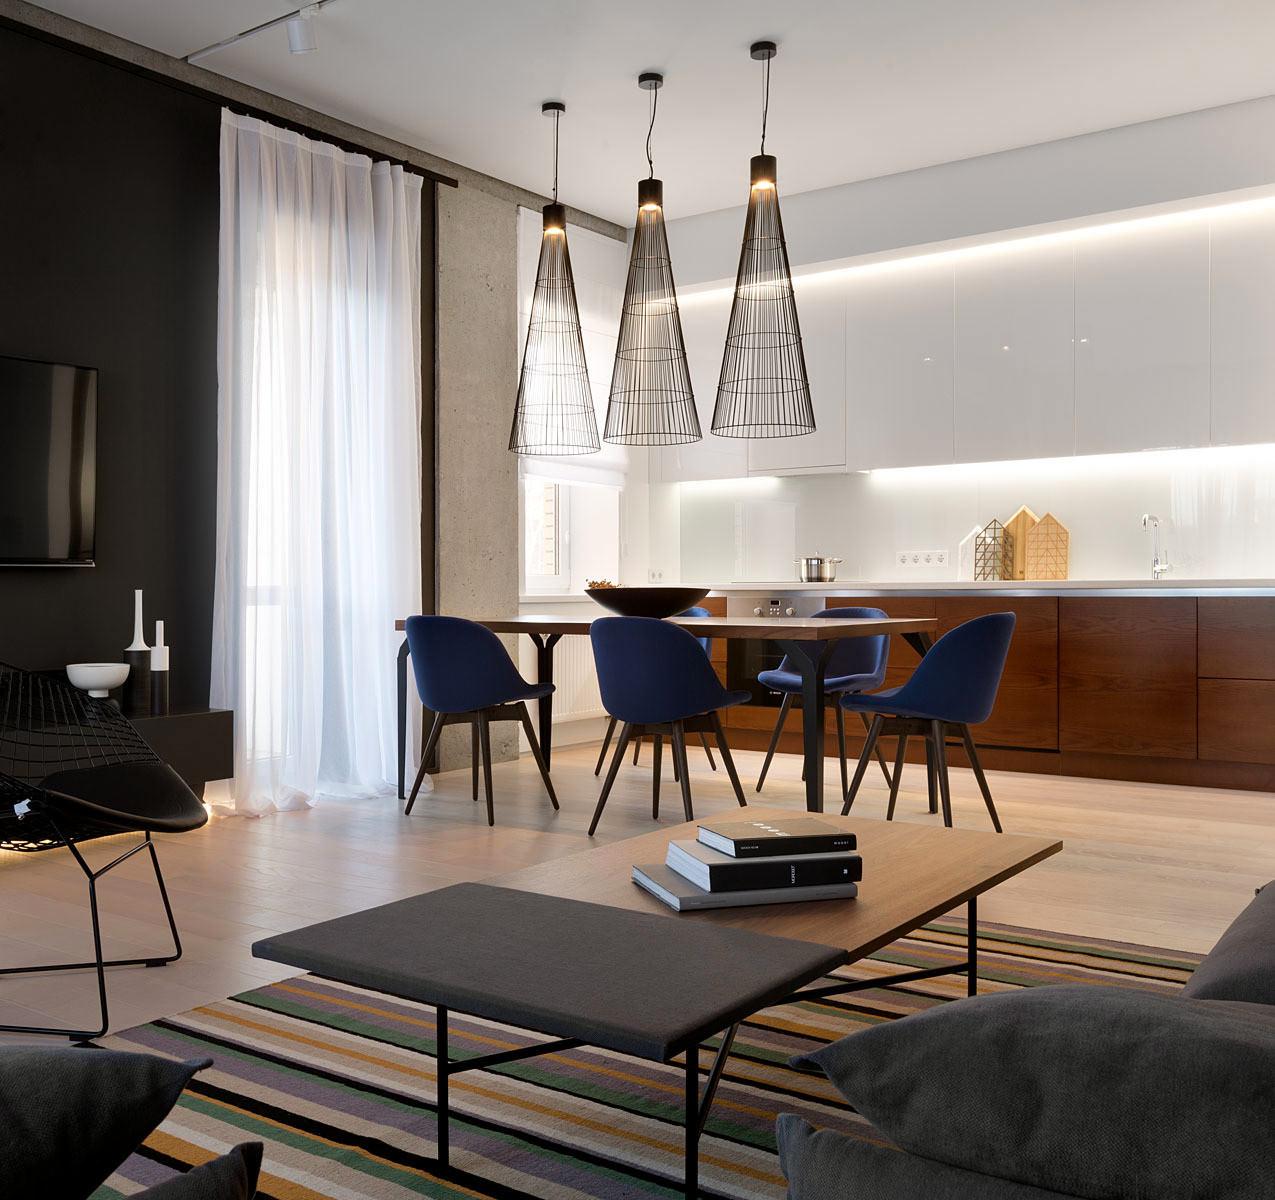 prostoren-apartament-s-eleganten-interior-120-m-3g